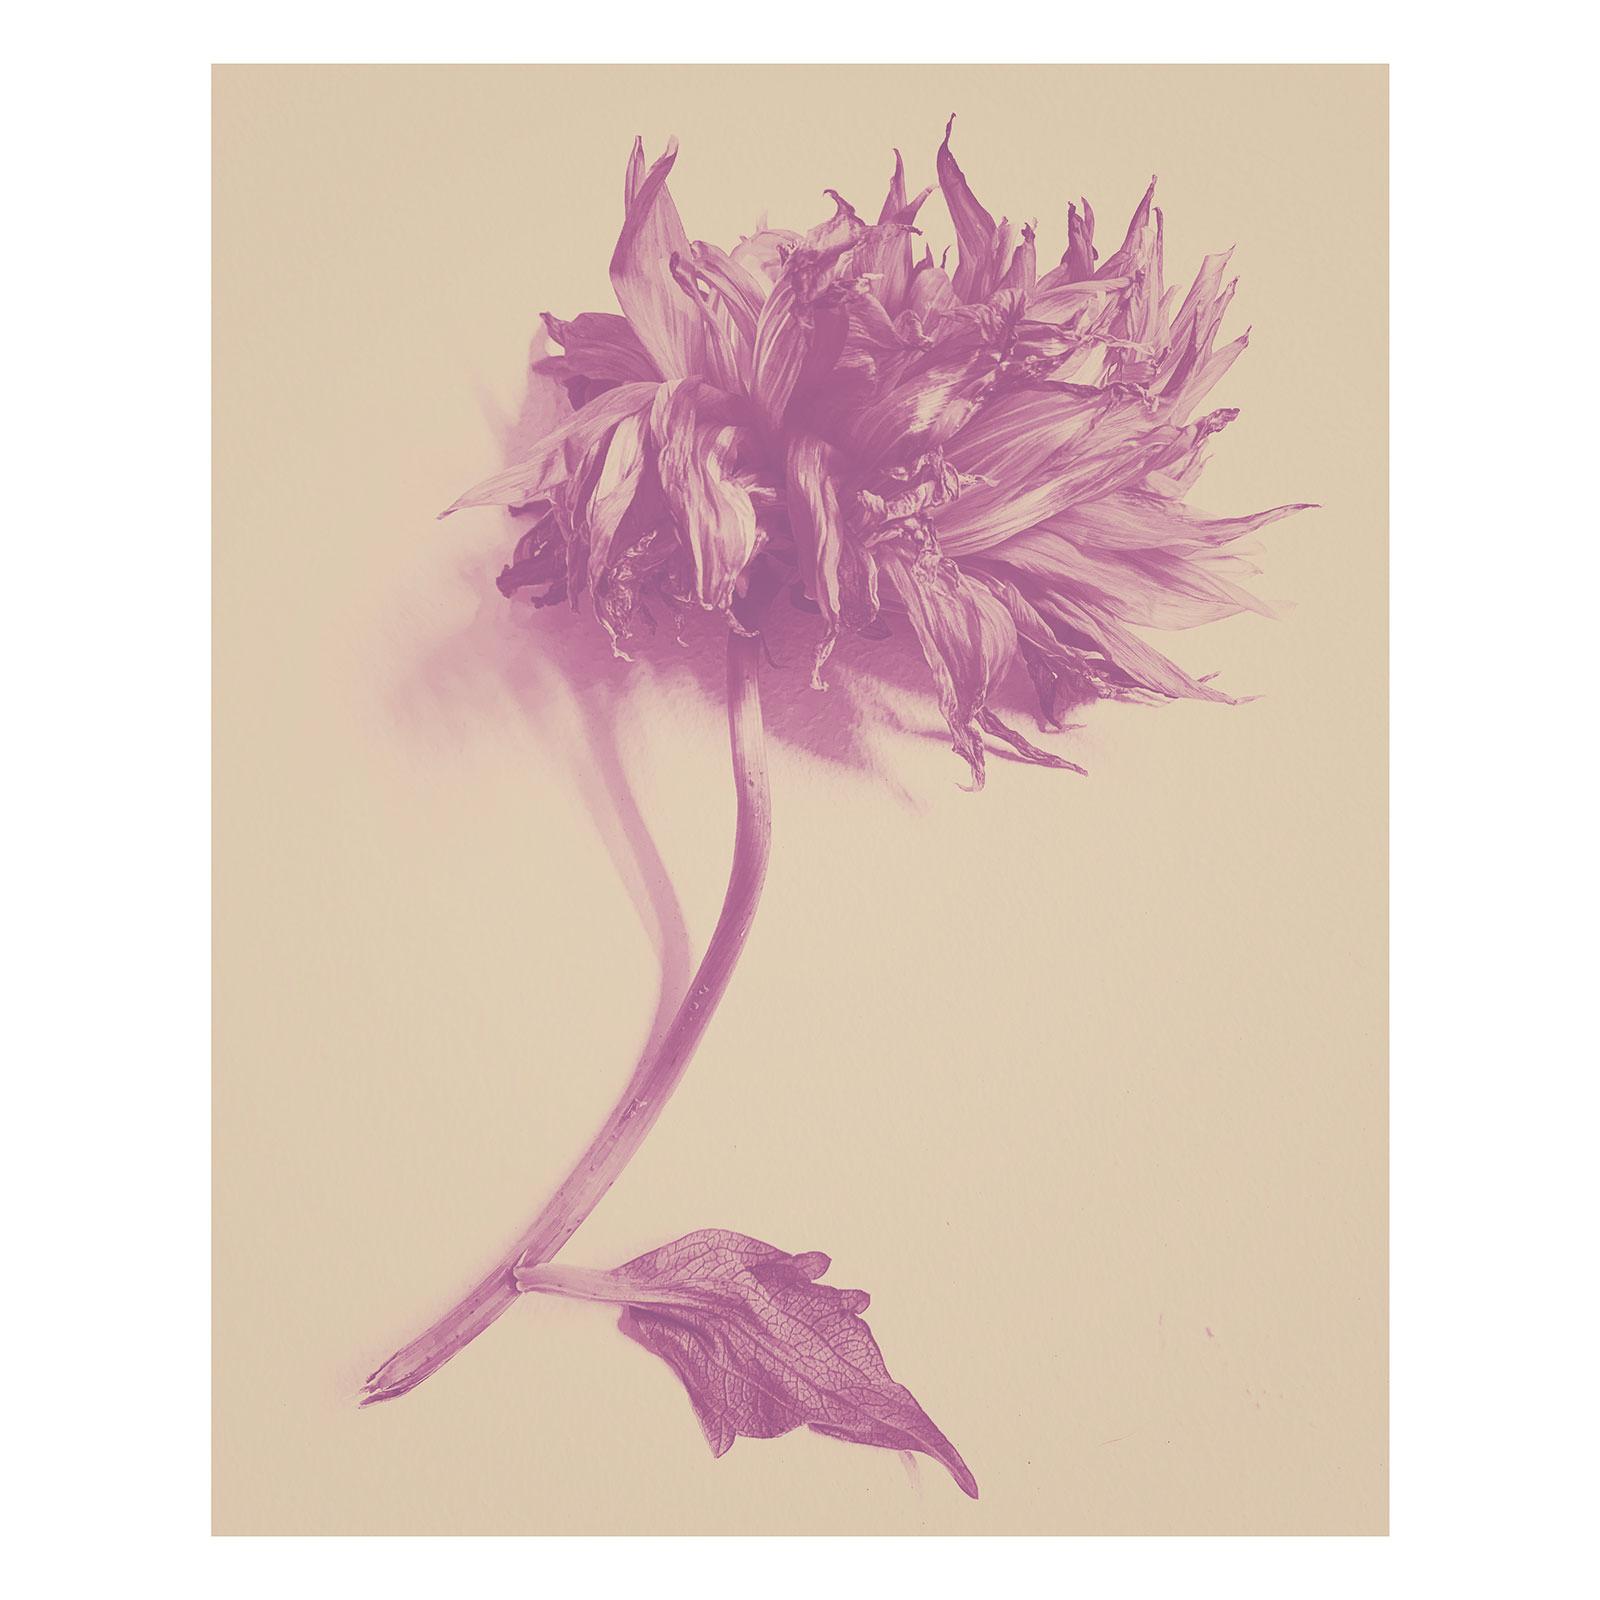 Flower Filterworks, August 2020